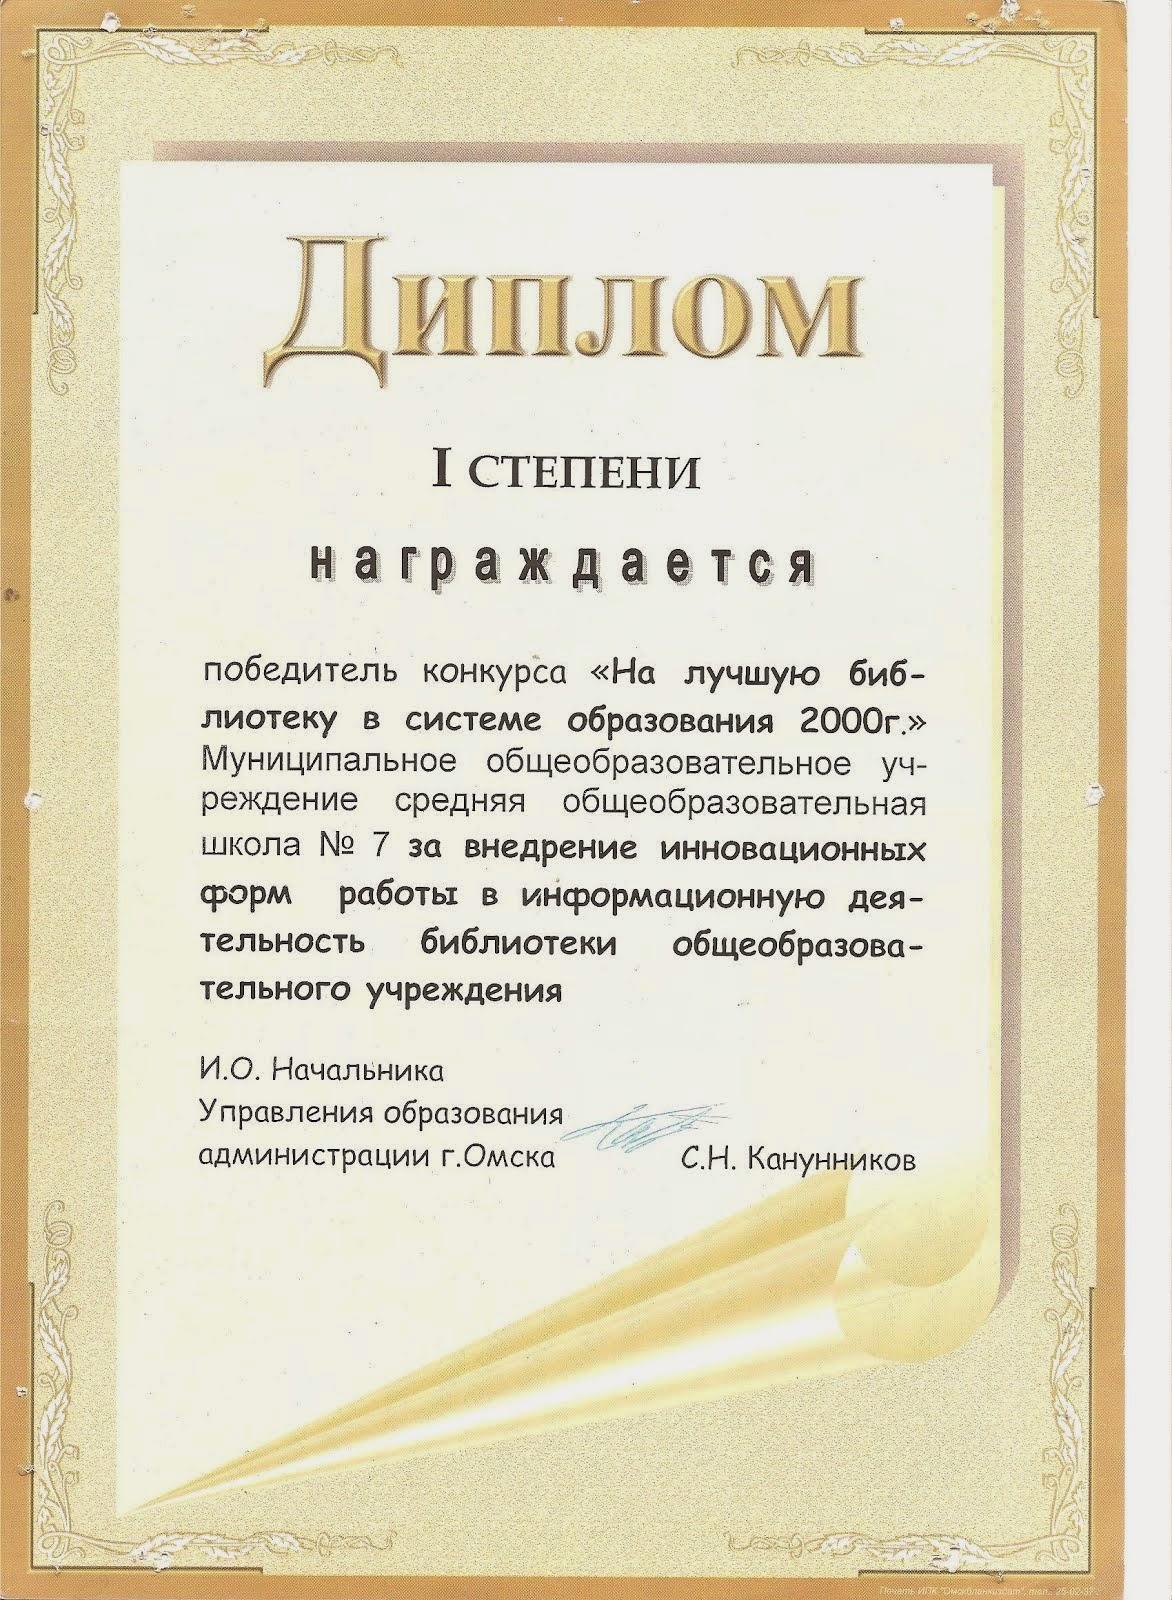 Городской конкурс библиотек образовательных учреждений. 2001г.